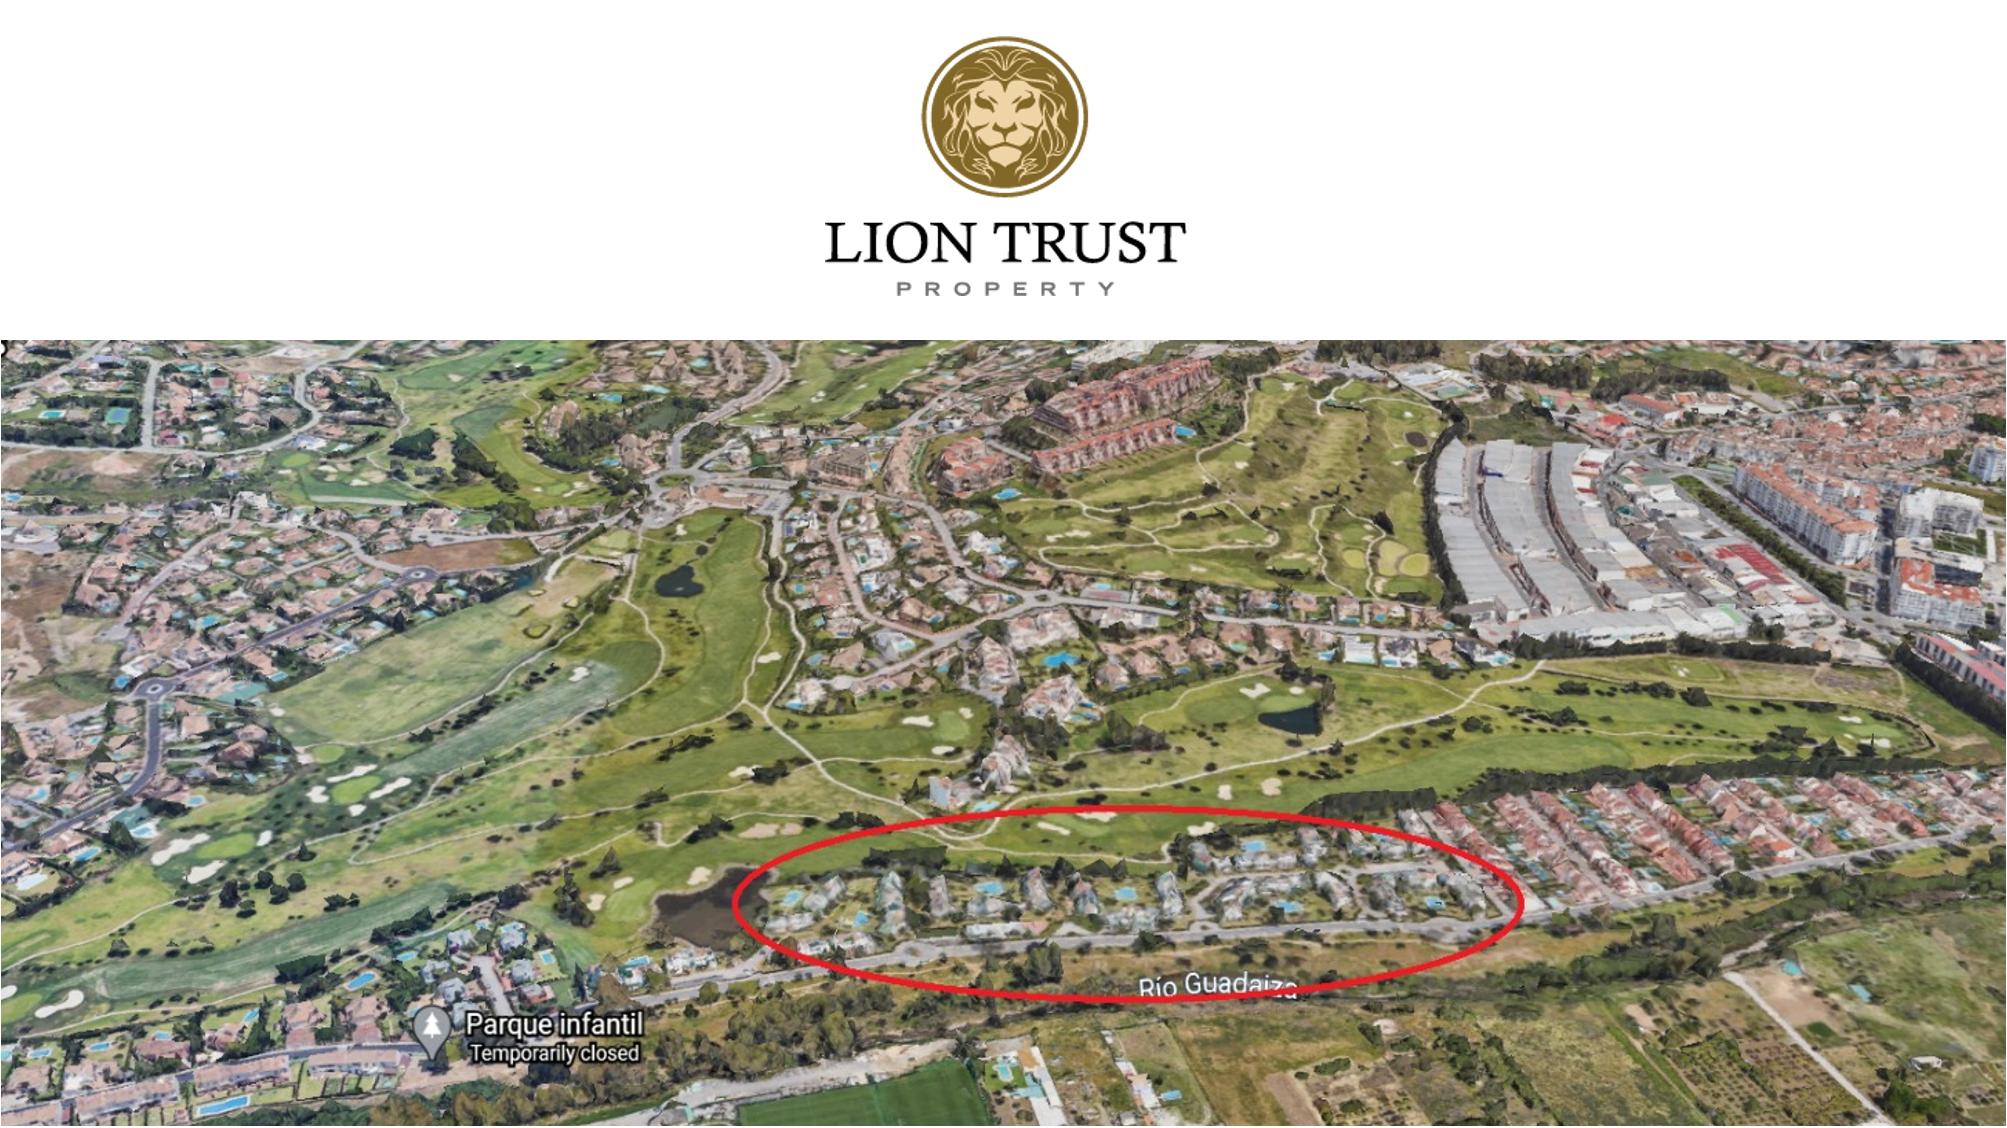 2a 2 - Lion Trust Spain